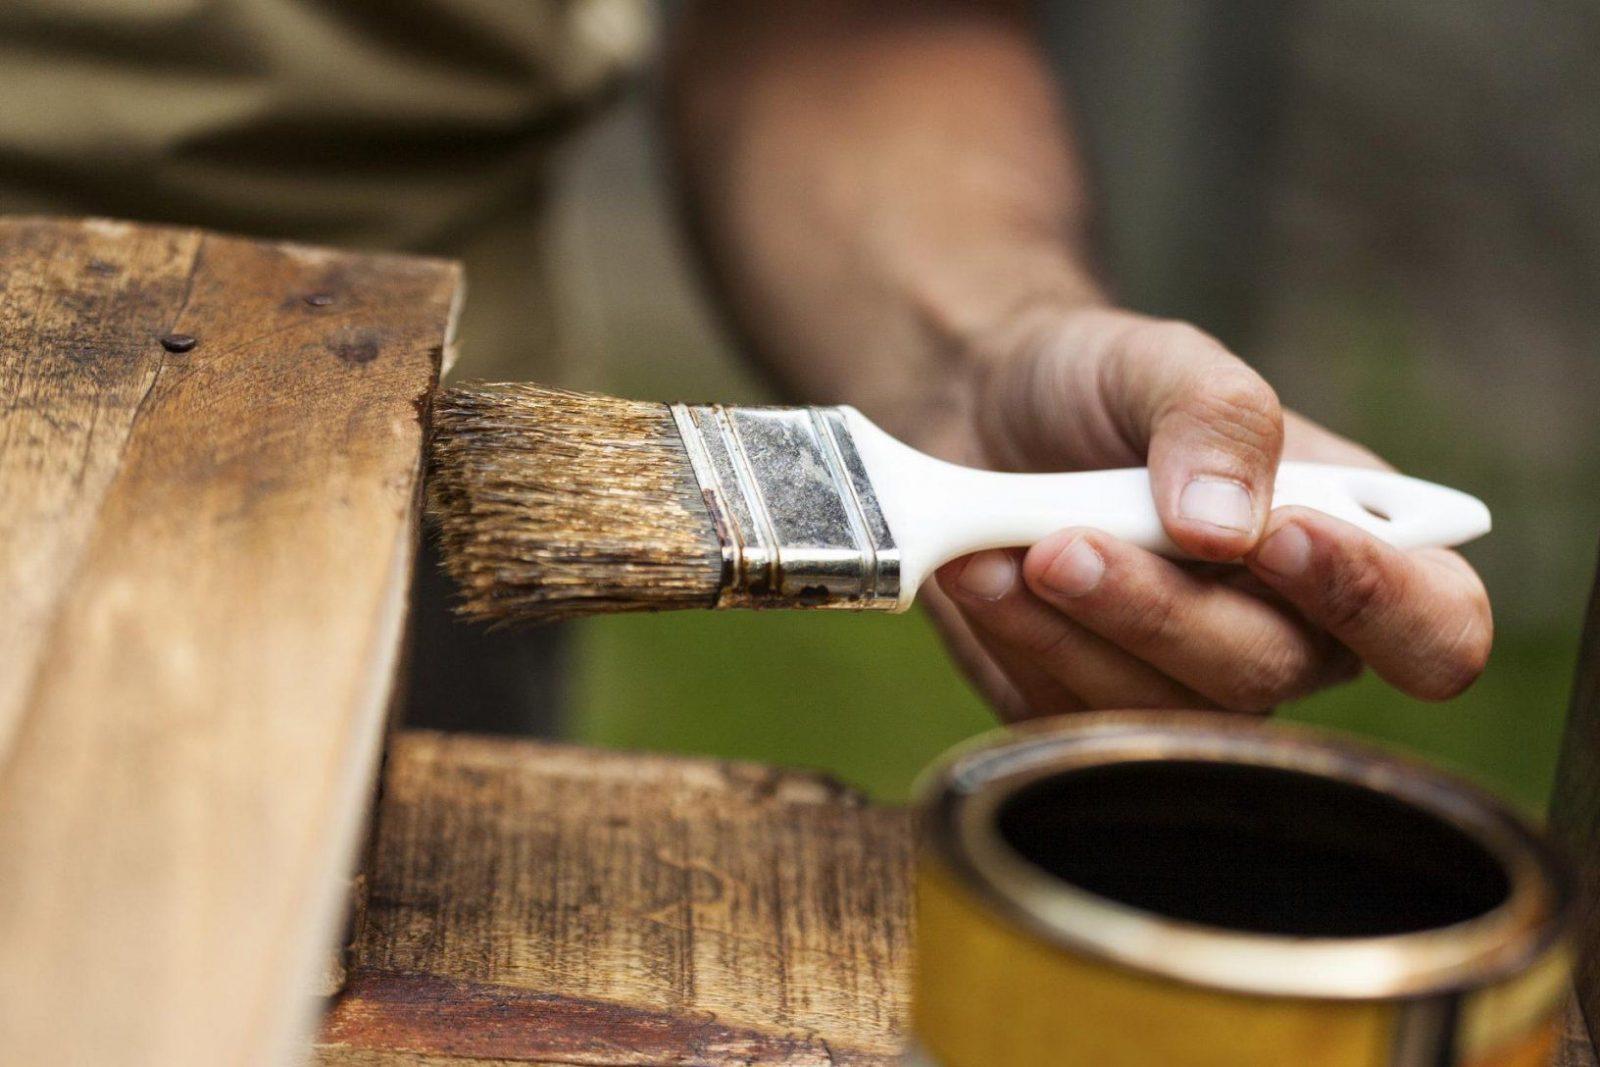 Holz Streichen Ohne Schleifen  Die Vorarbeit Entscheidet von Holz Streichen Ohne Schleifen Photo